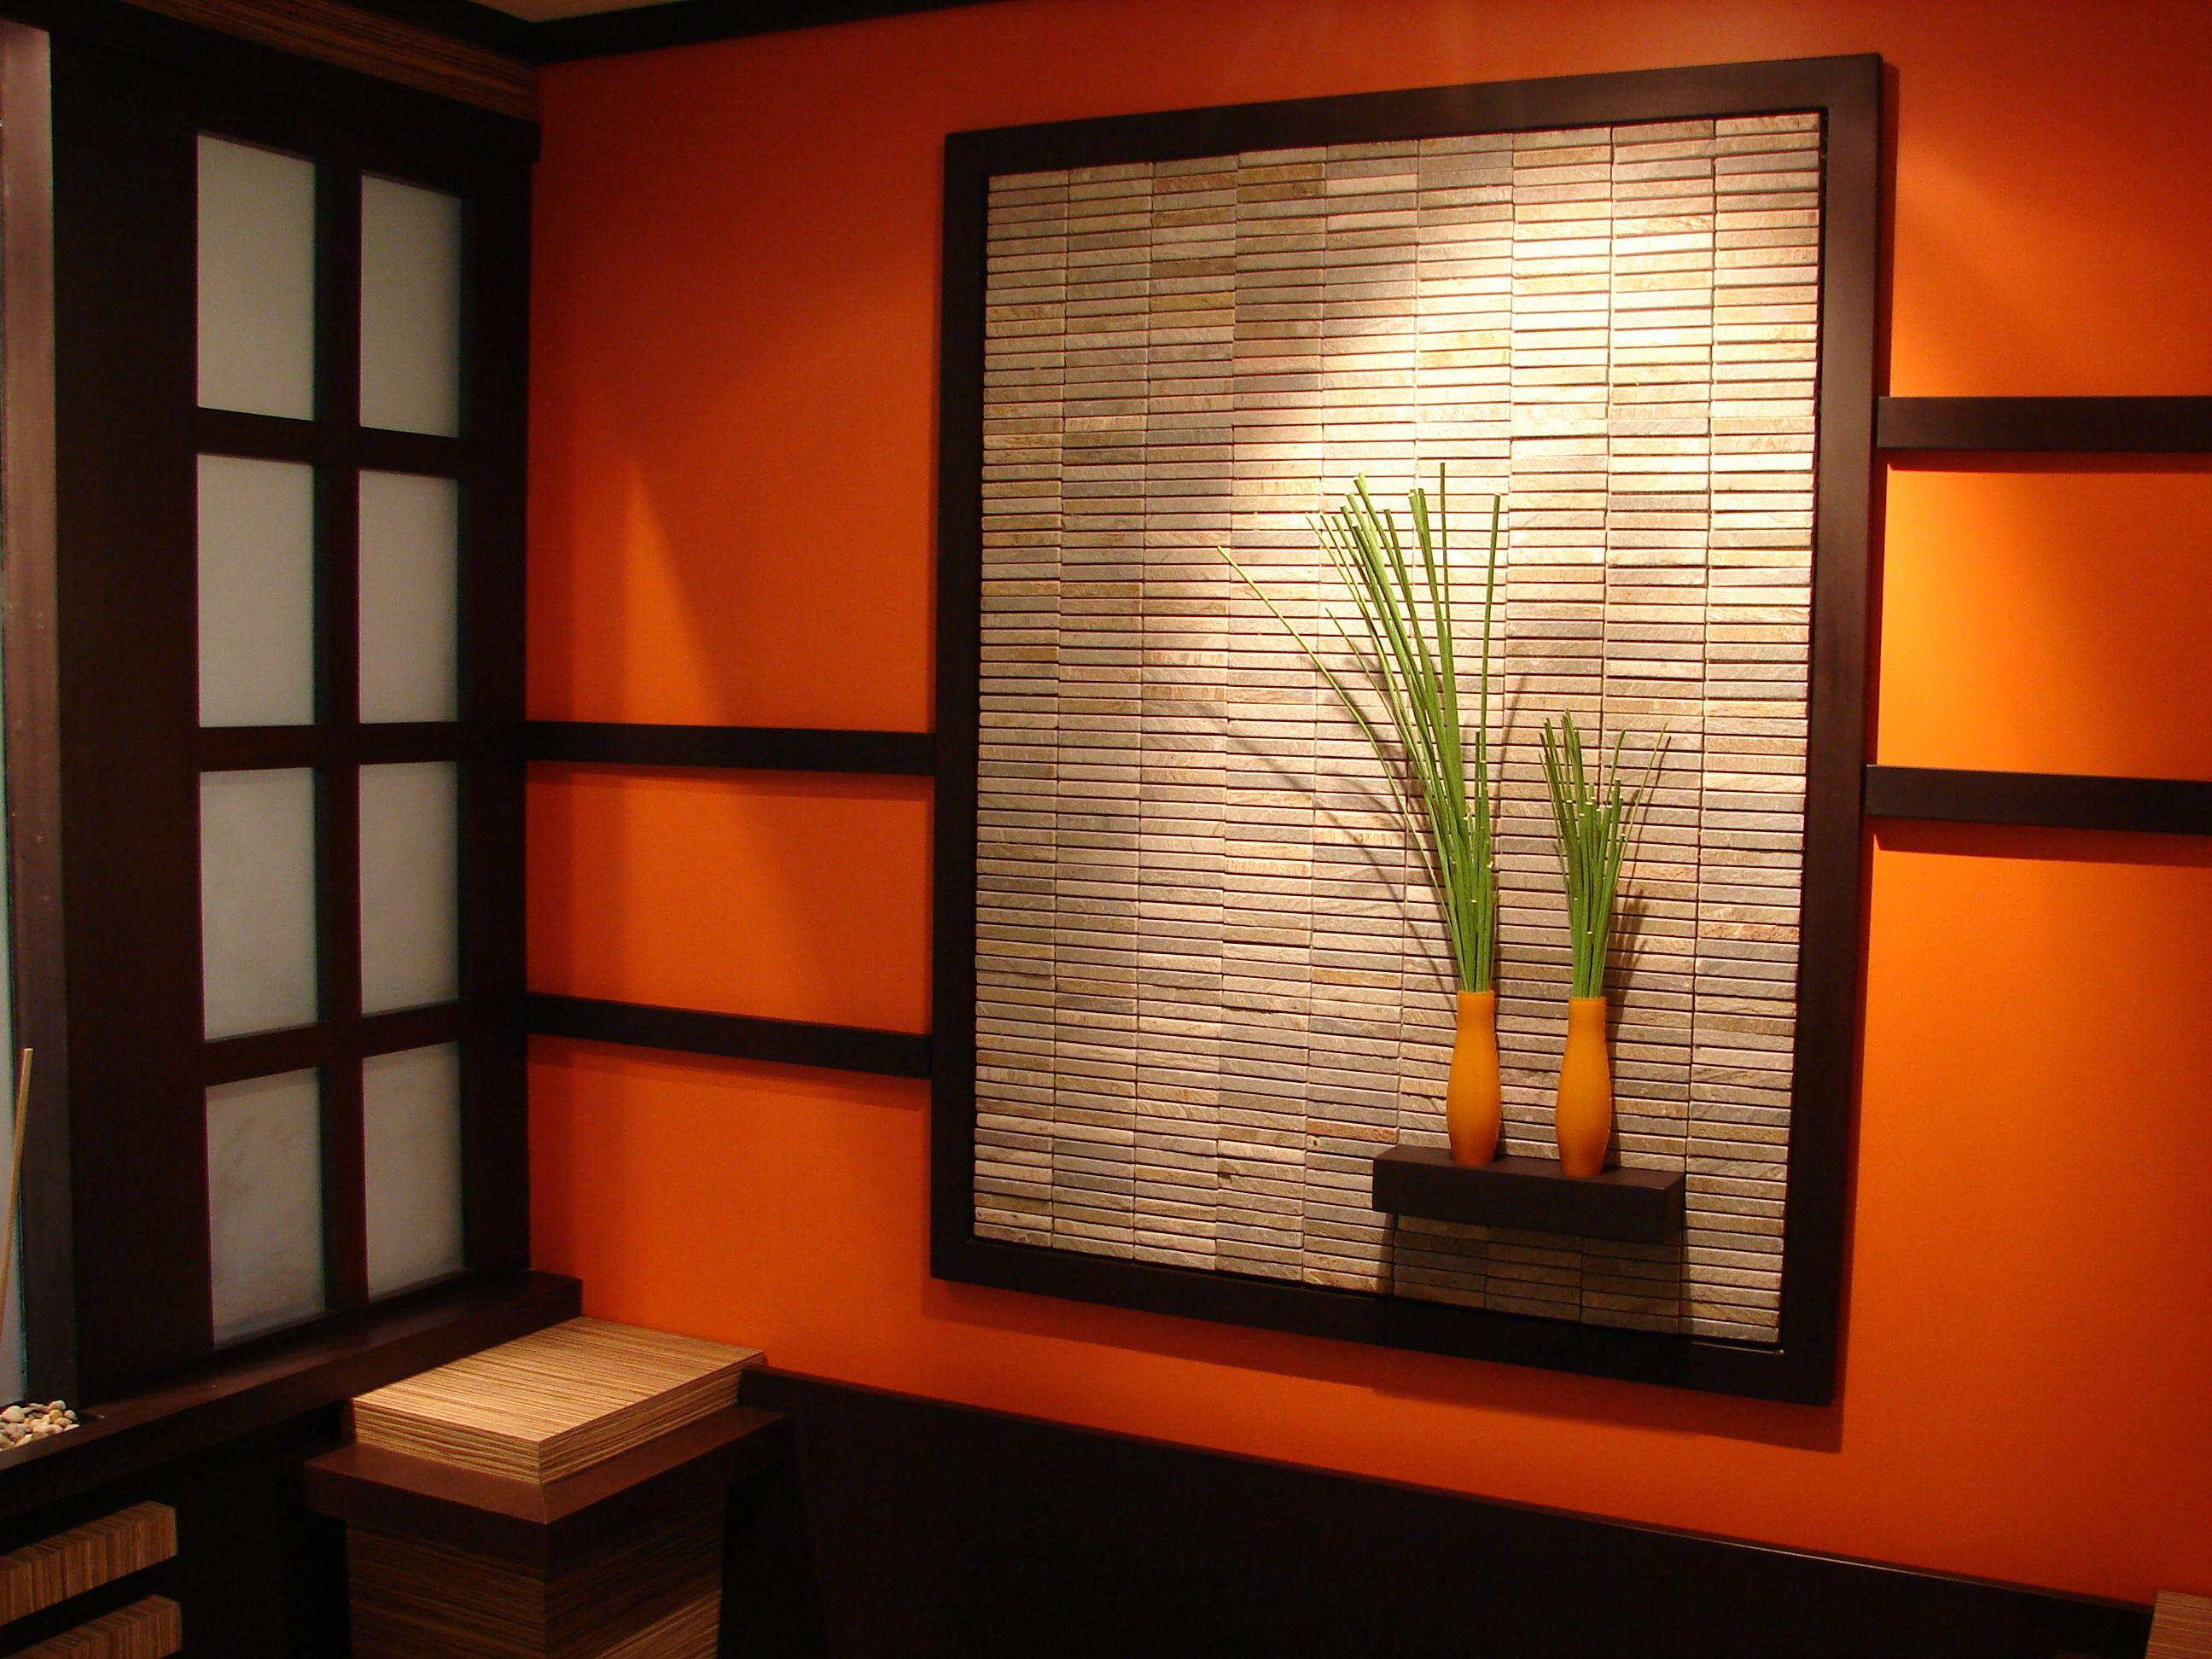 Sala de espera consultorio medico consultorio cancun art - Decoracion zen spa ...